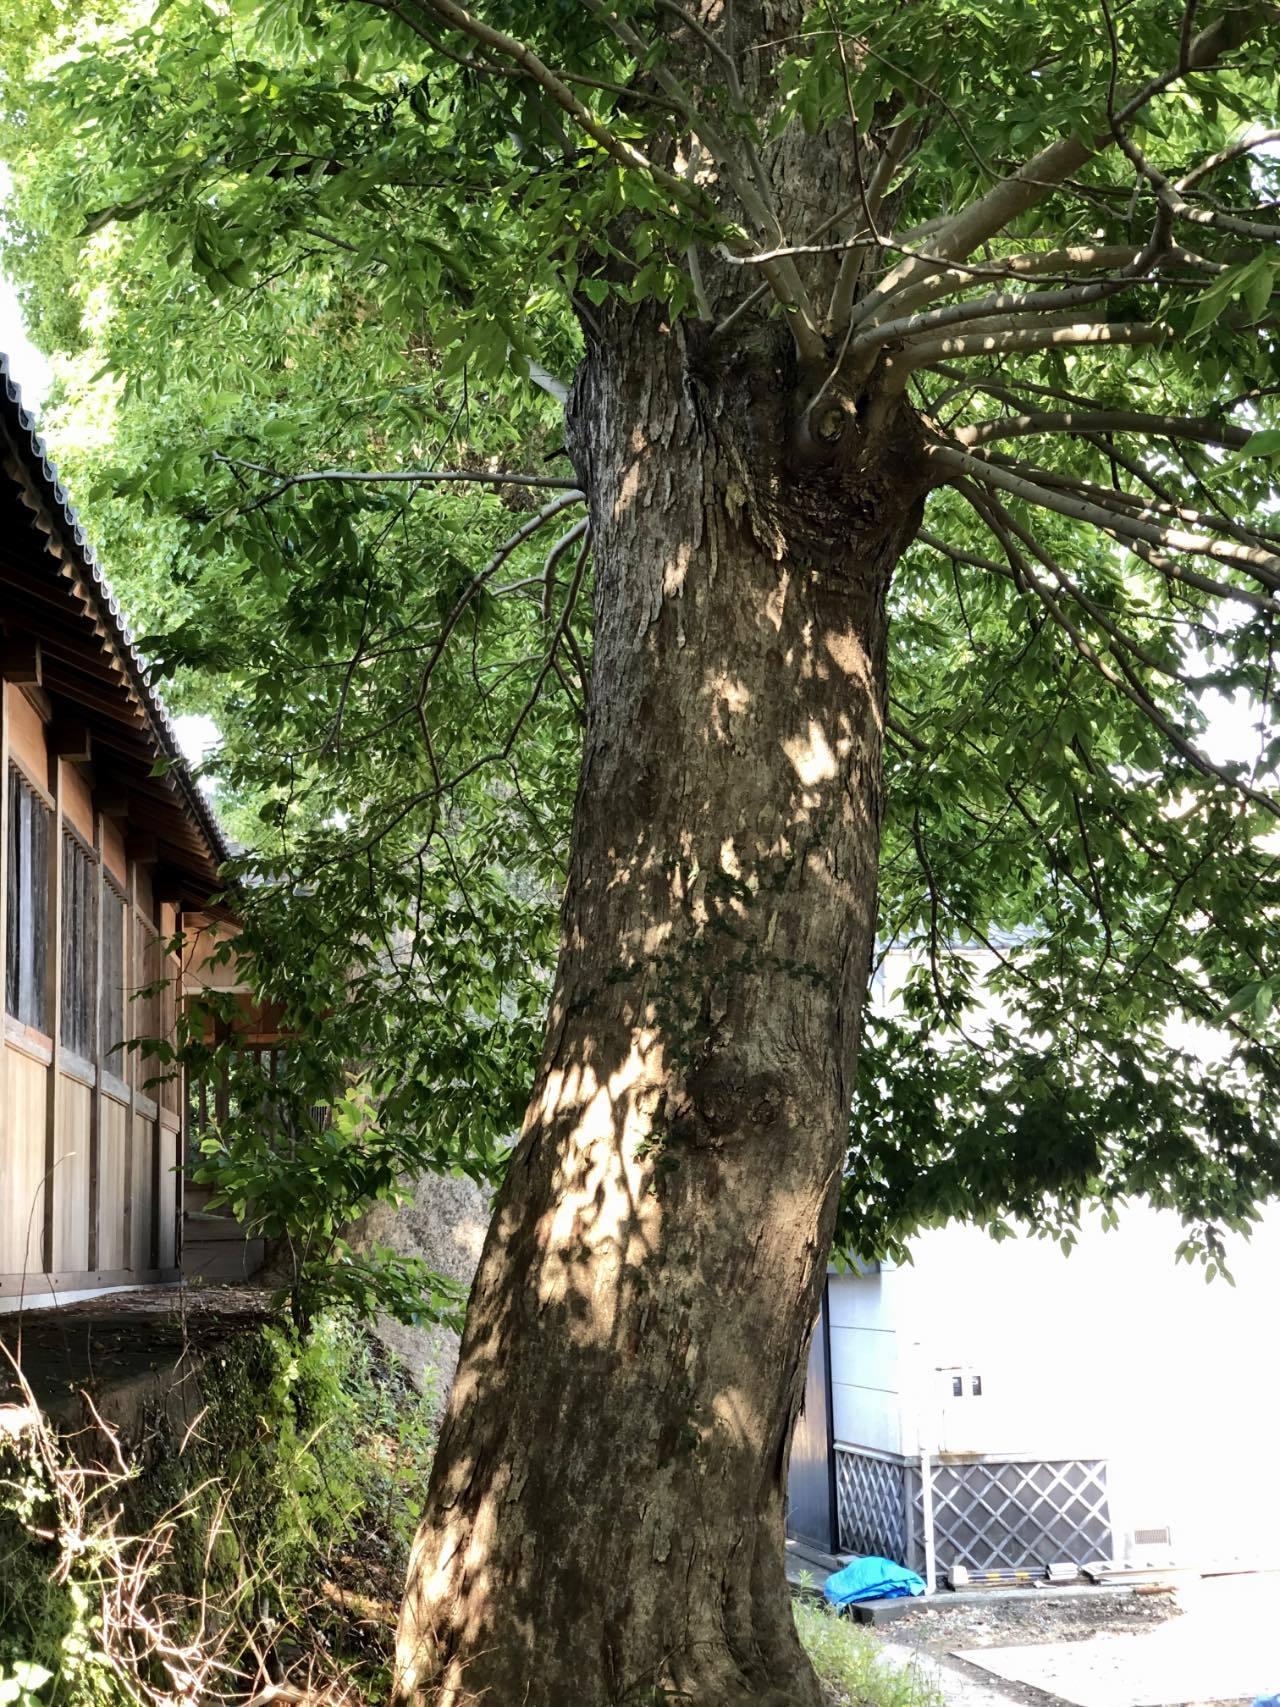 福島八幡宮3 福岡県八女市本町 2021.05.23_b0023047_02121990.jpg